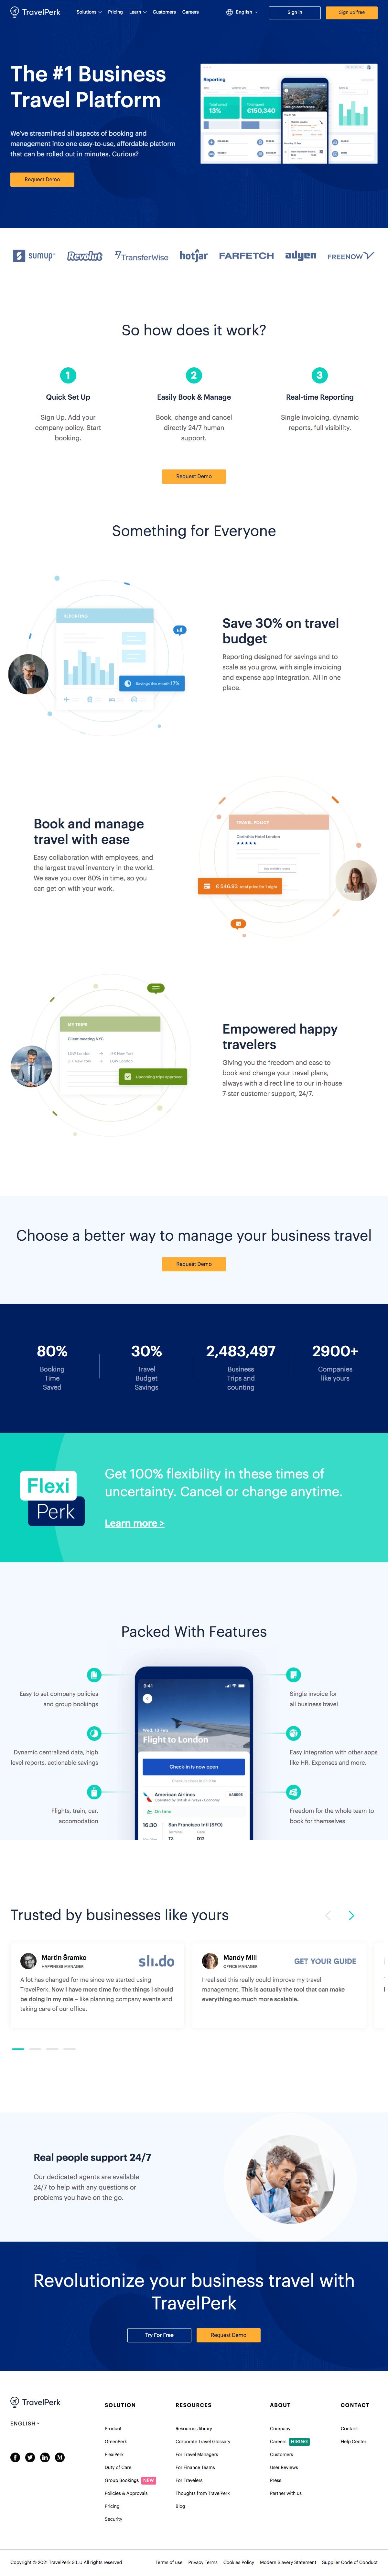 TravelPerk – Homepage